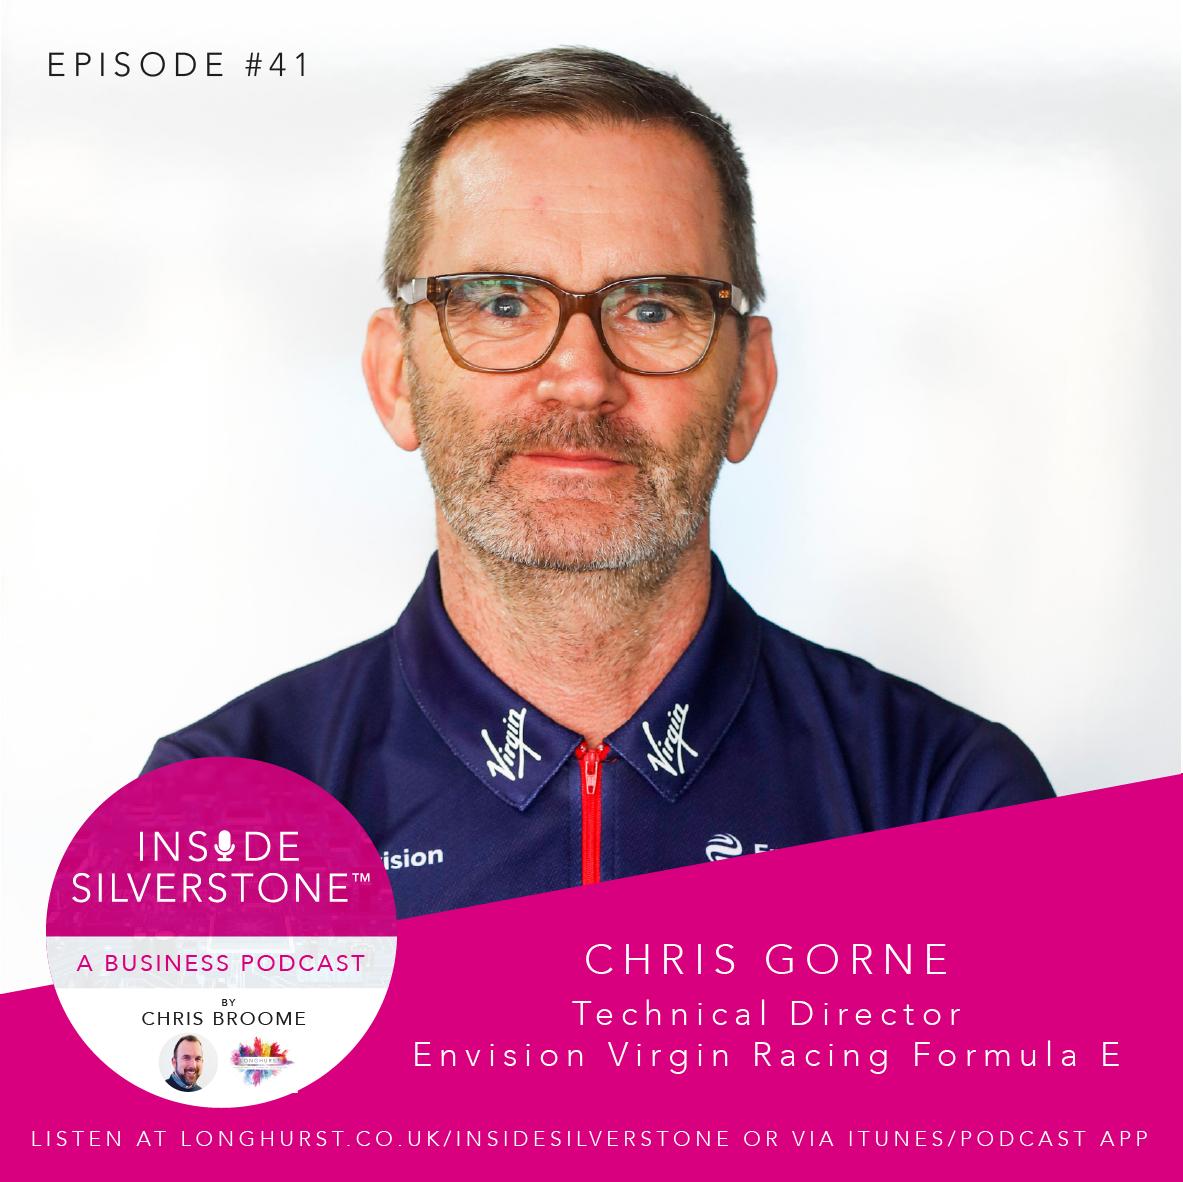 Chris Gorne - Technical Director - Envision Virgin Racing Formula E